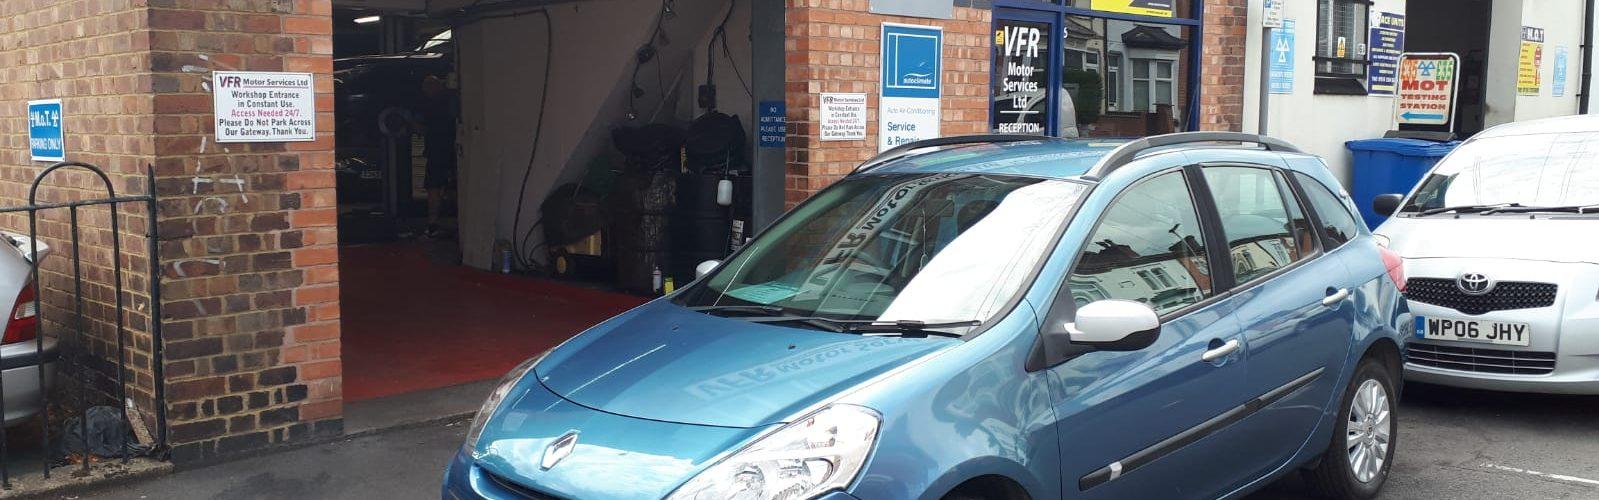 2010 Renault Clio Estate - Front